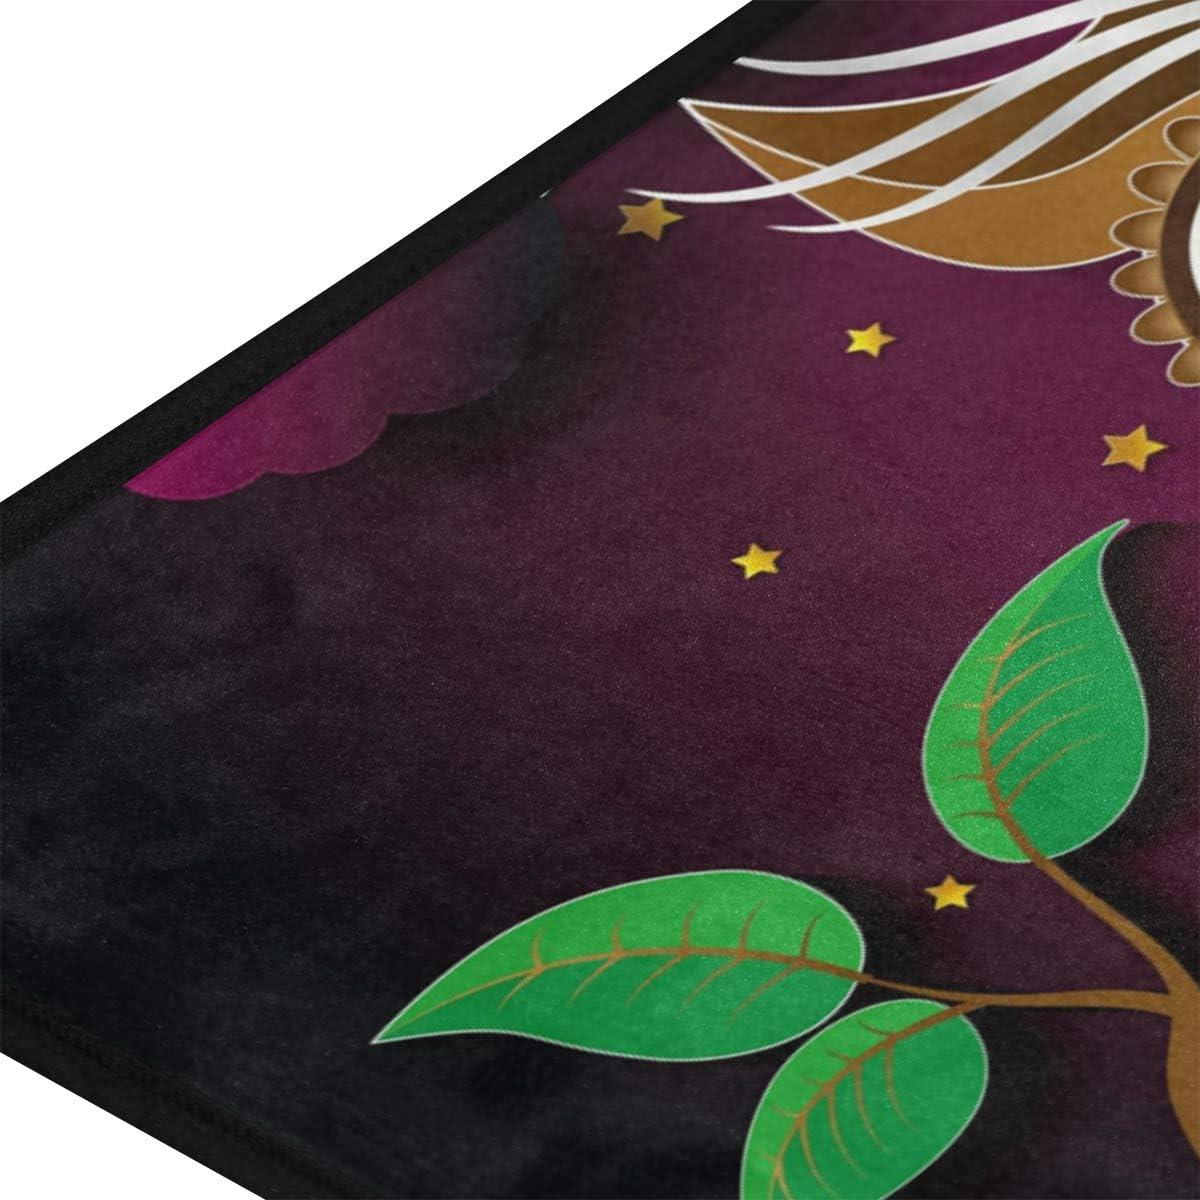 Mnsruu Tapis de Cuisine Hibou /à Suspendre avec Motif de Lune paillasson antid/érapant pour Plancher Tapis de Cuisine Tapis de Sol pour Tapis de Bain 99 X 50.8CM